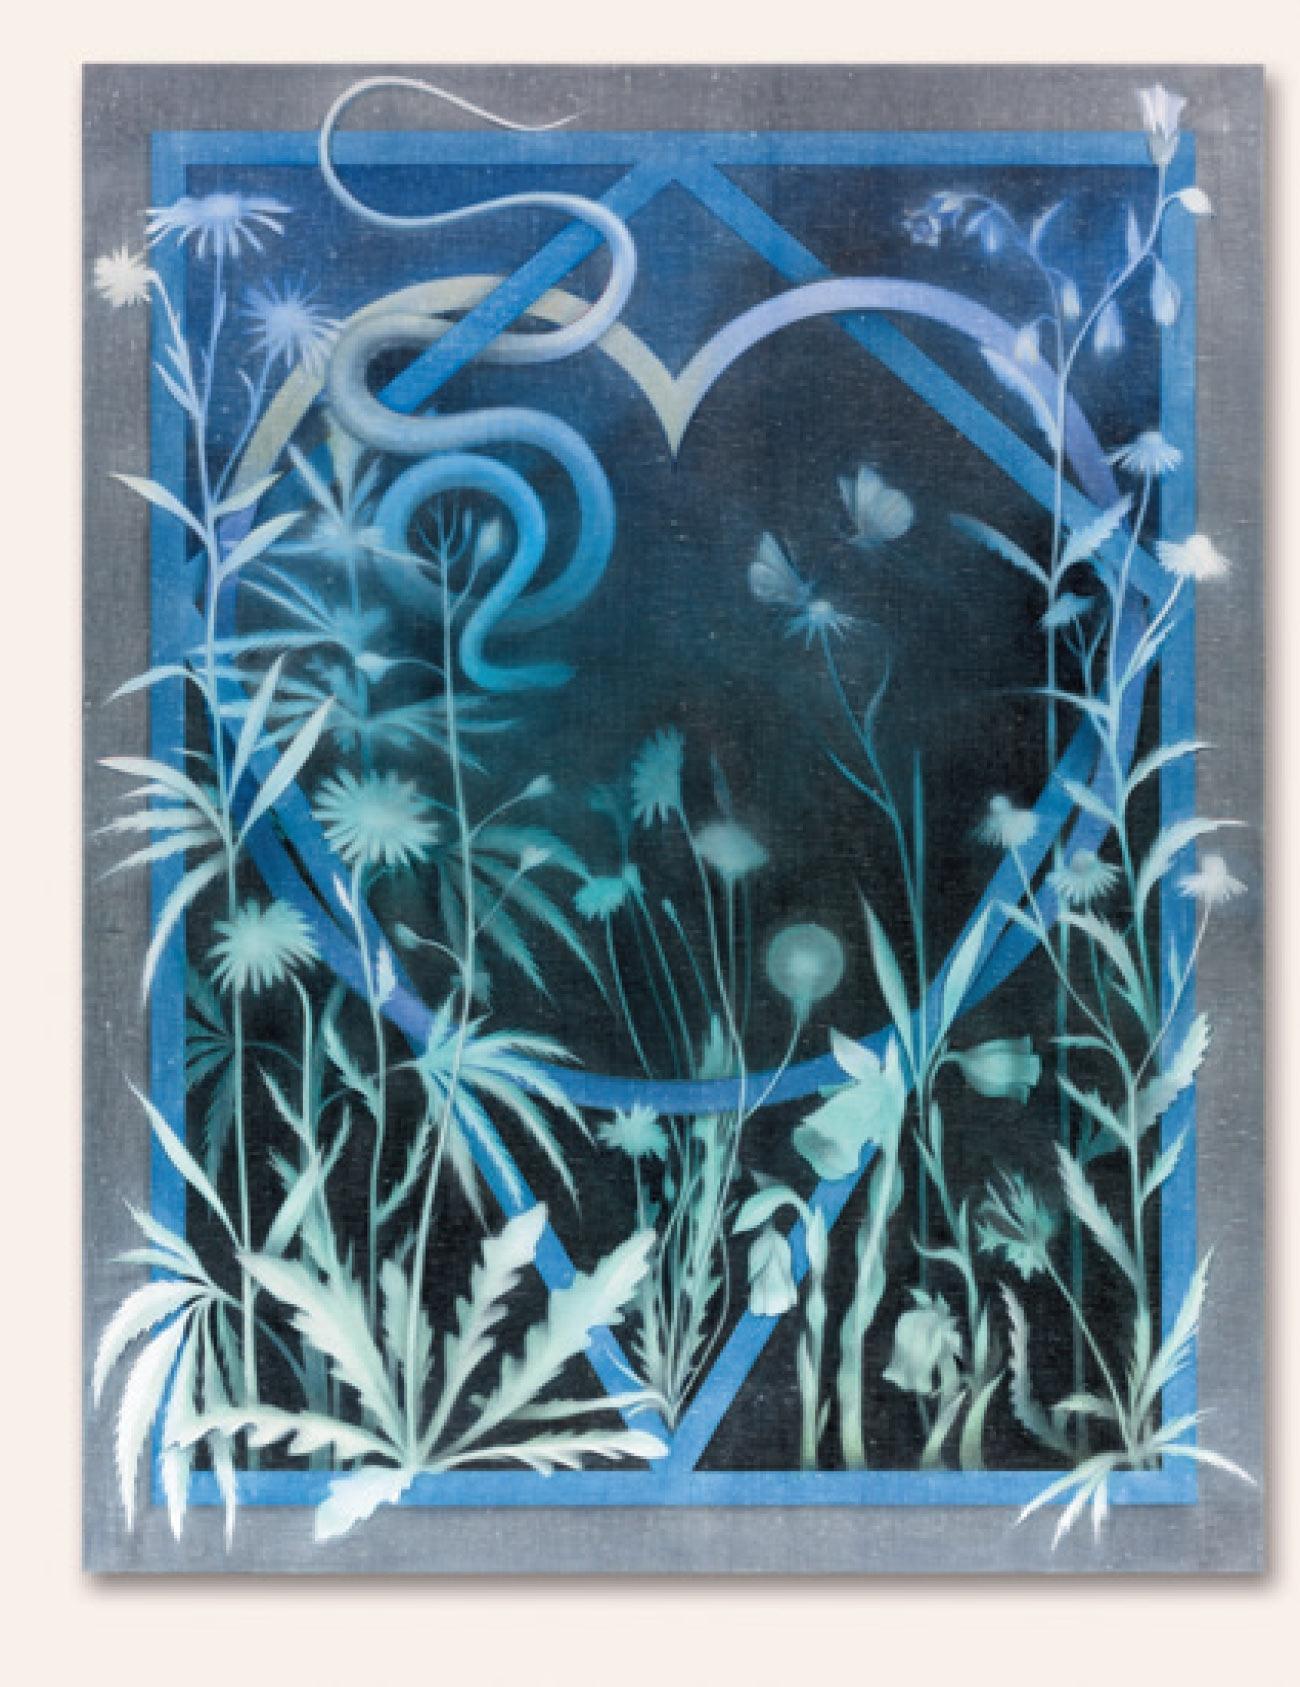 테오도라 앨런, 'Plot, No.7', 2015(ⓒ Theodora Alle